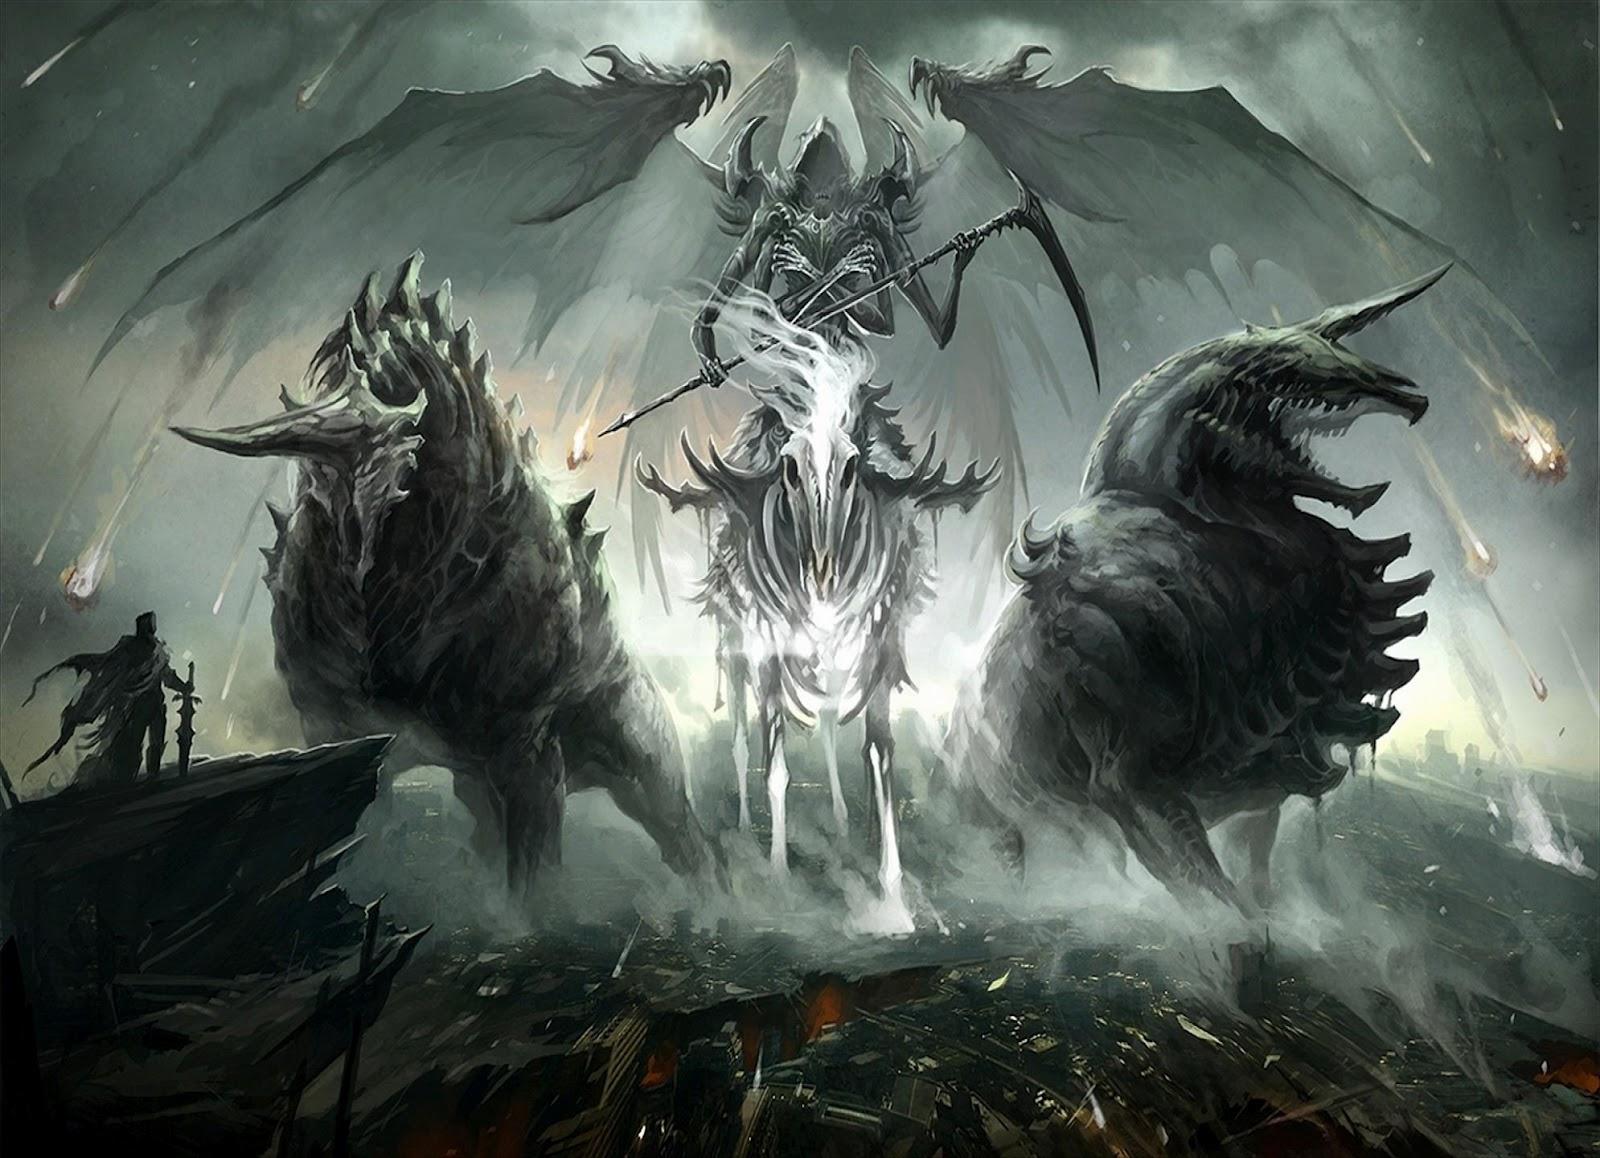 http://4.bp.blogspot.com/-L6_cMIqbYzw/T6xtVkd3YCI/AAAAAAAAEbk/J0EzkLRotXE/s1600/fighting-reaper,1990x1440,64231.jpg